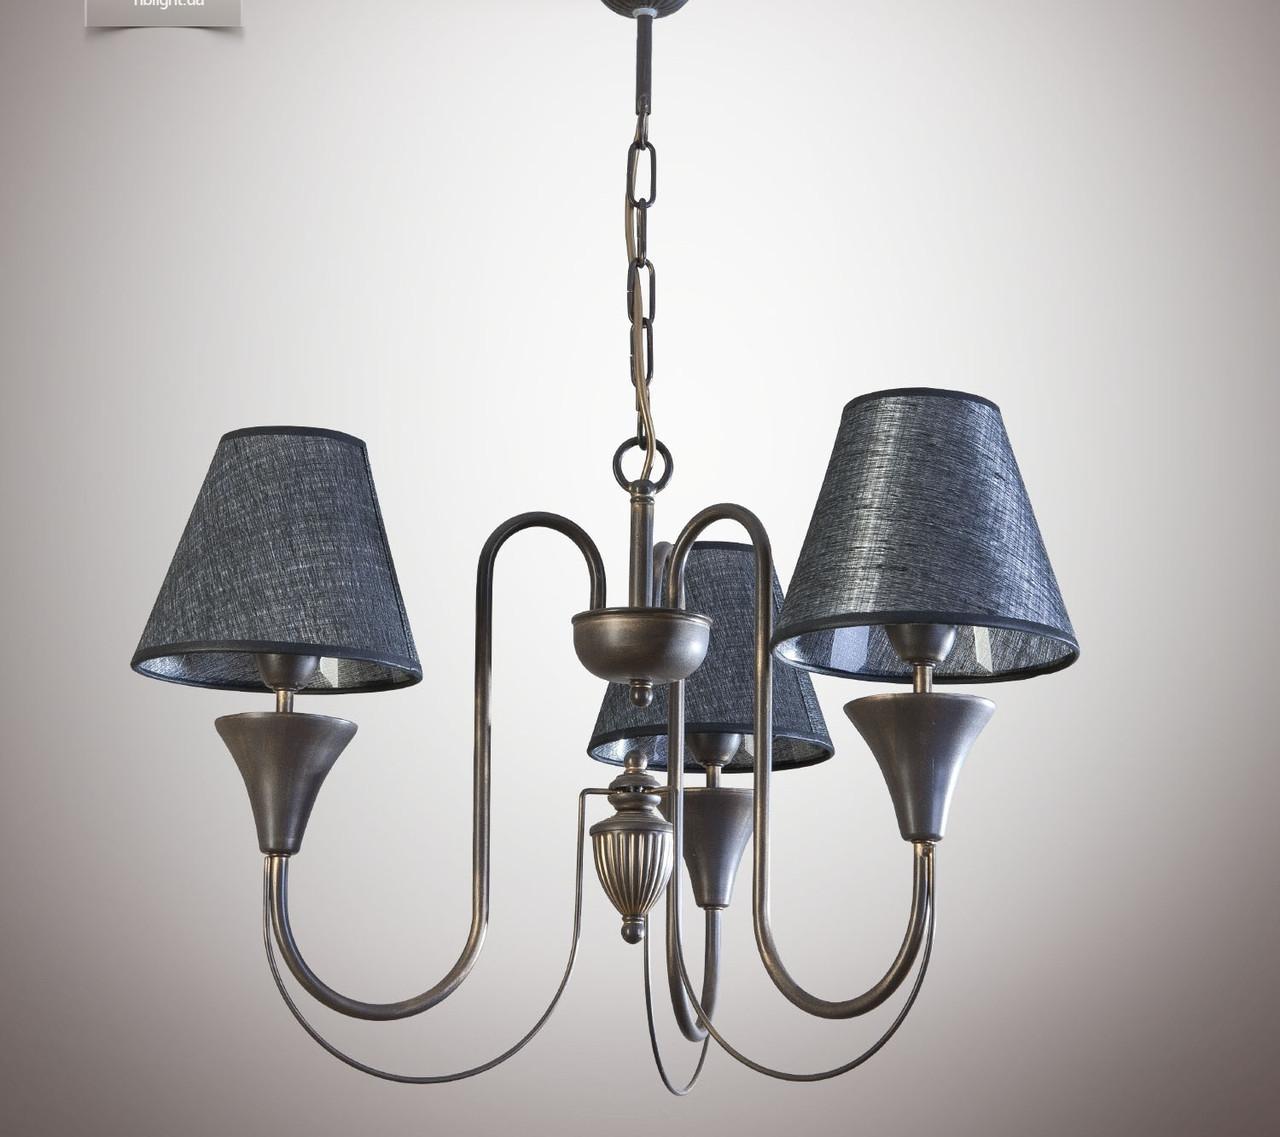 Люстра для небольшой комнаты, спальни, прихожей, 3-х ламповая  14403-2